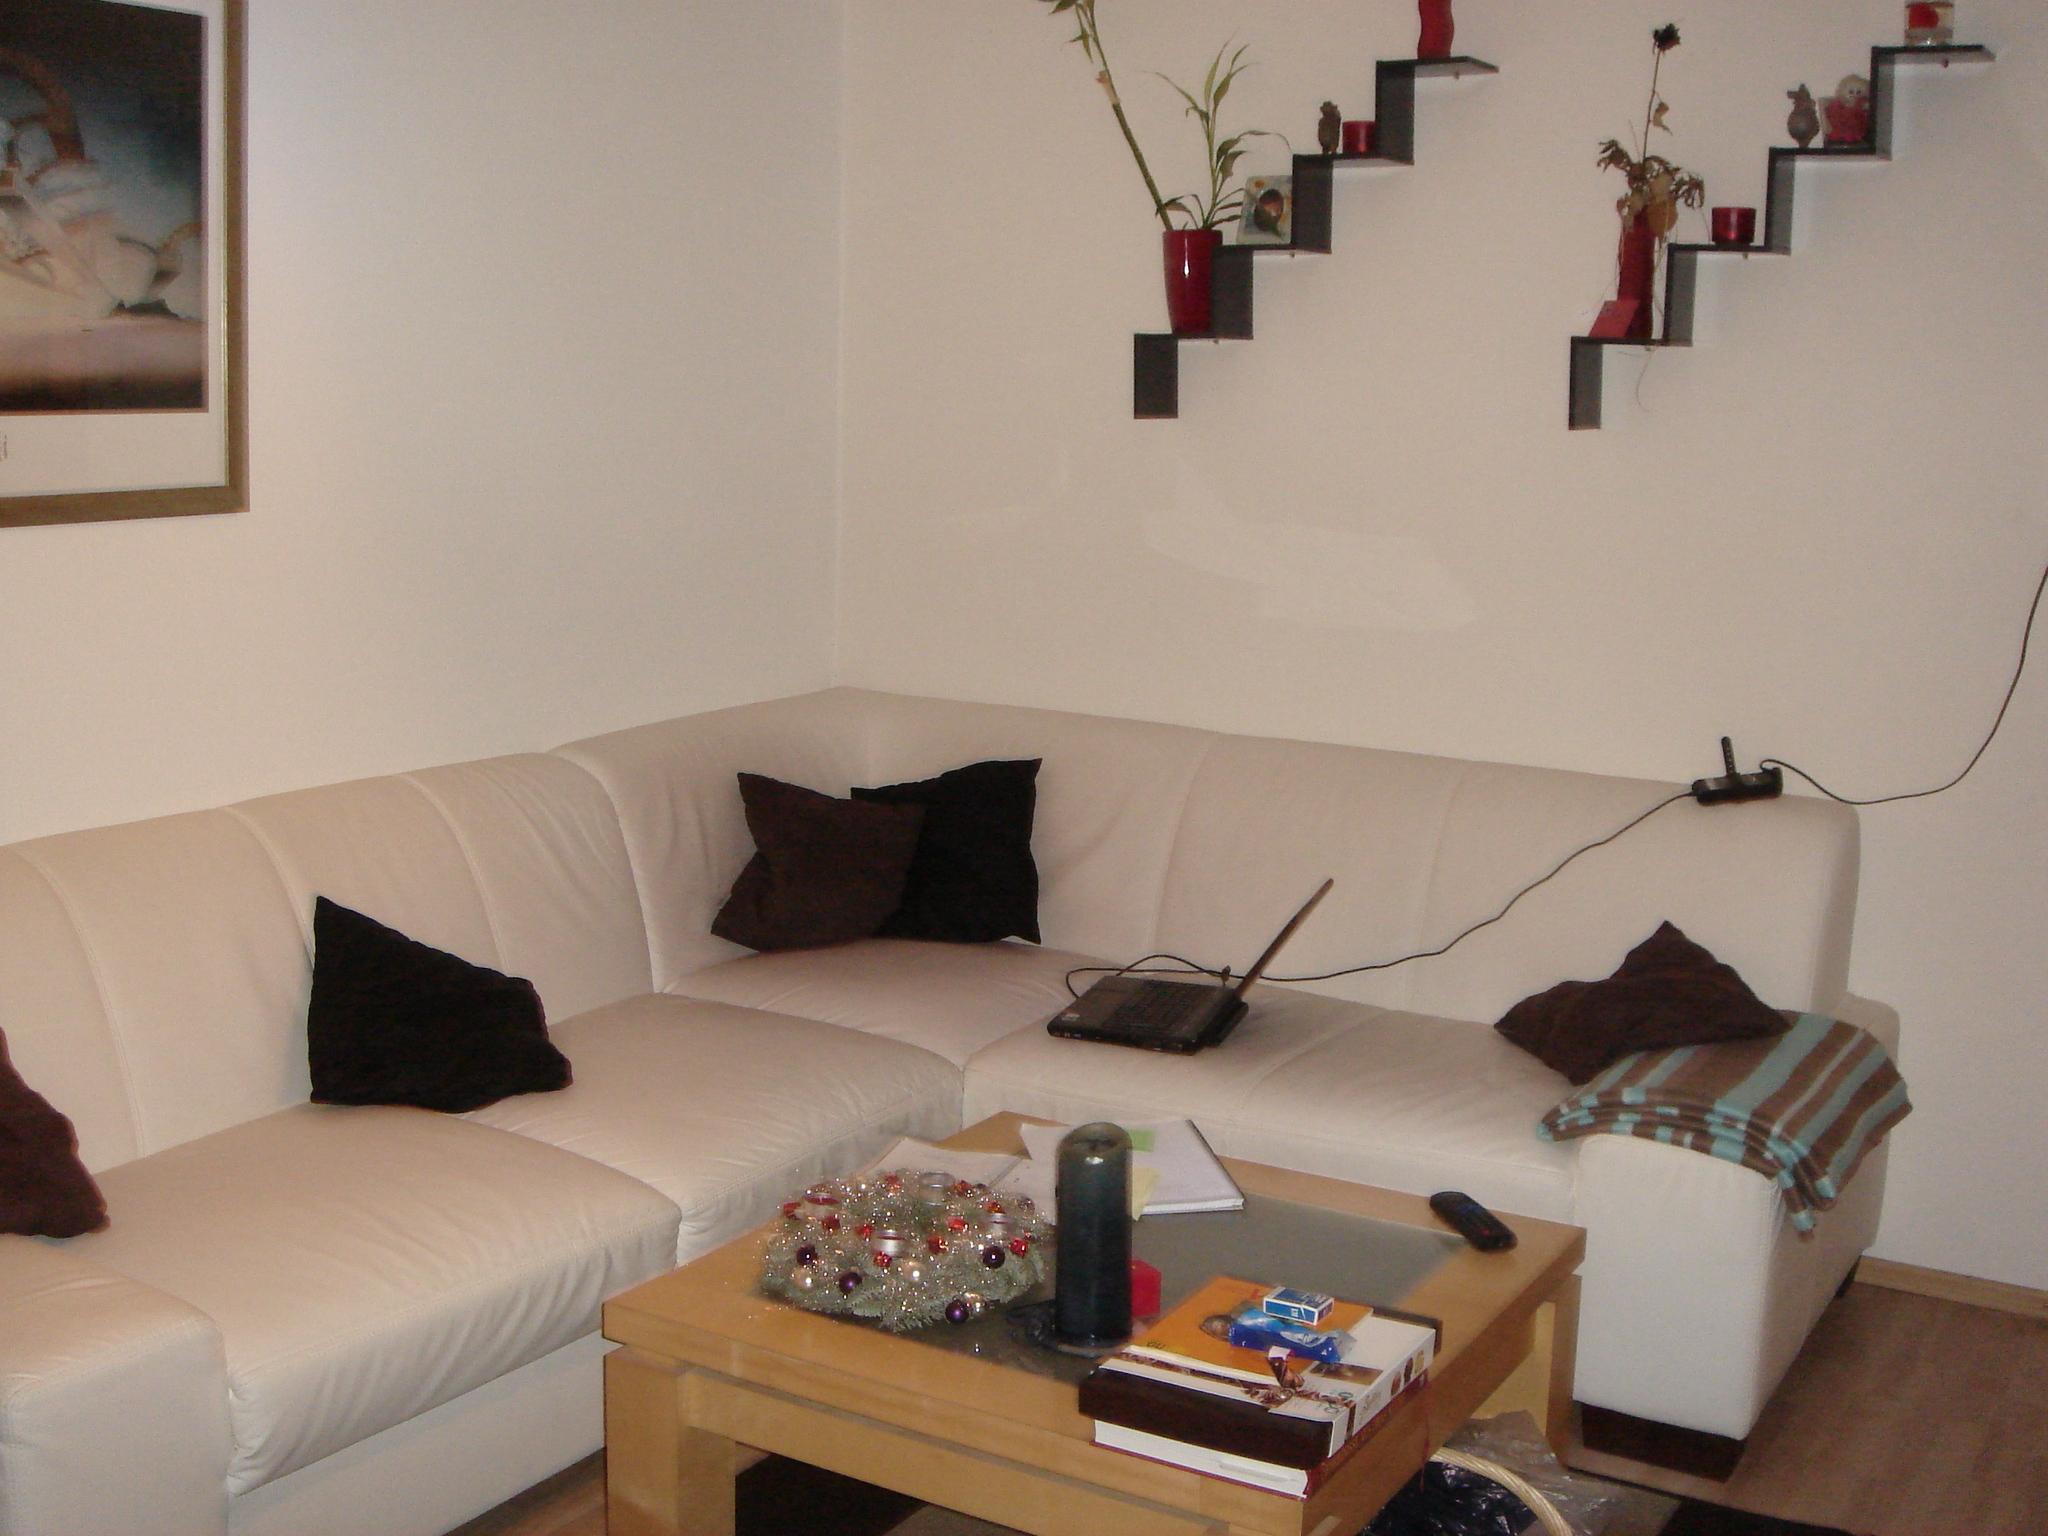 Polster sessel couch kleinanzeigen seite 2 for Suche gebrauchte couch